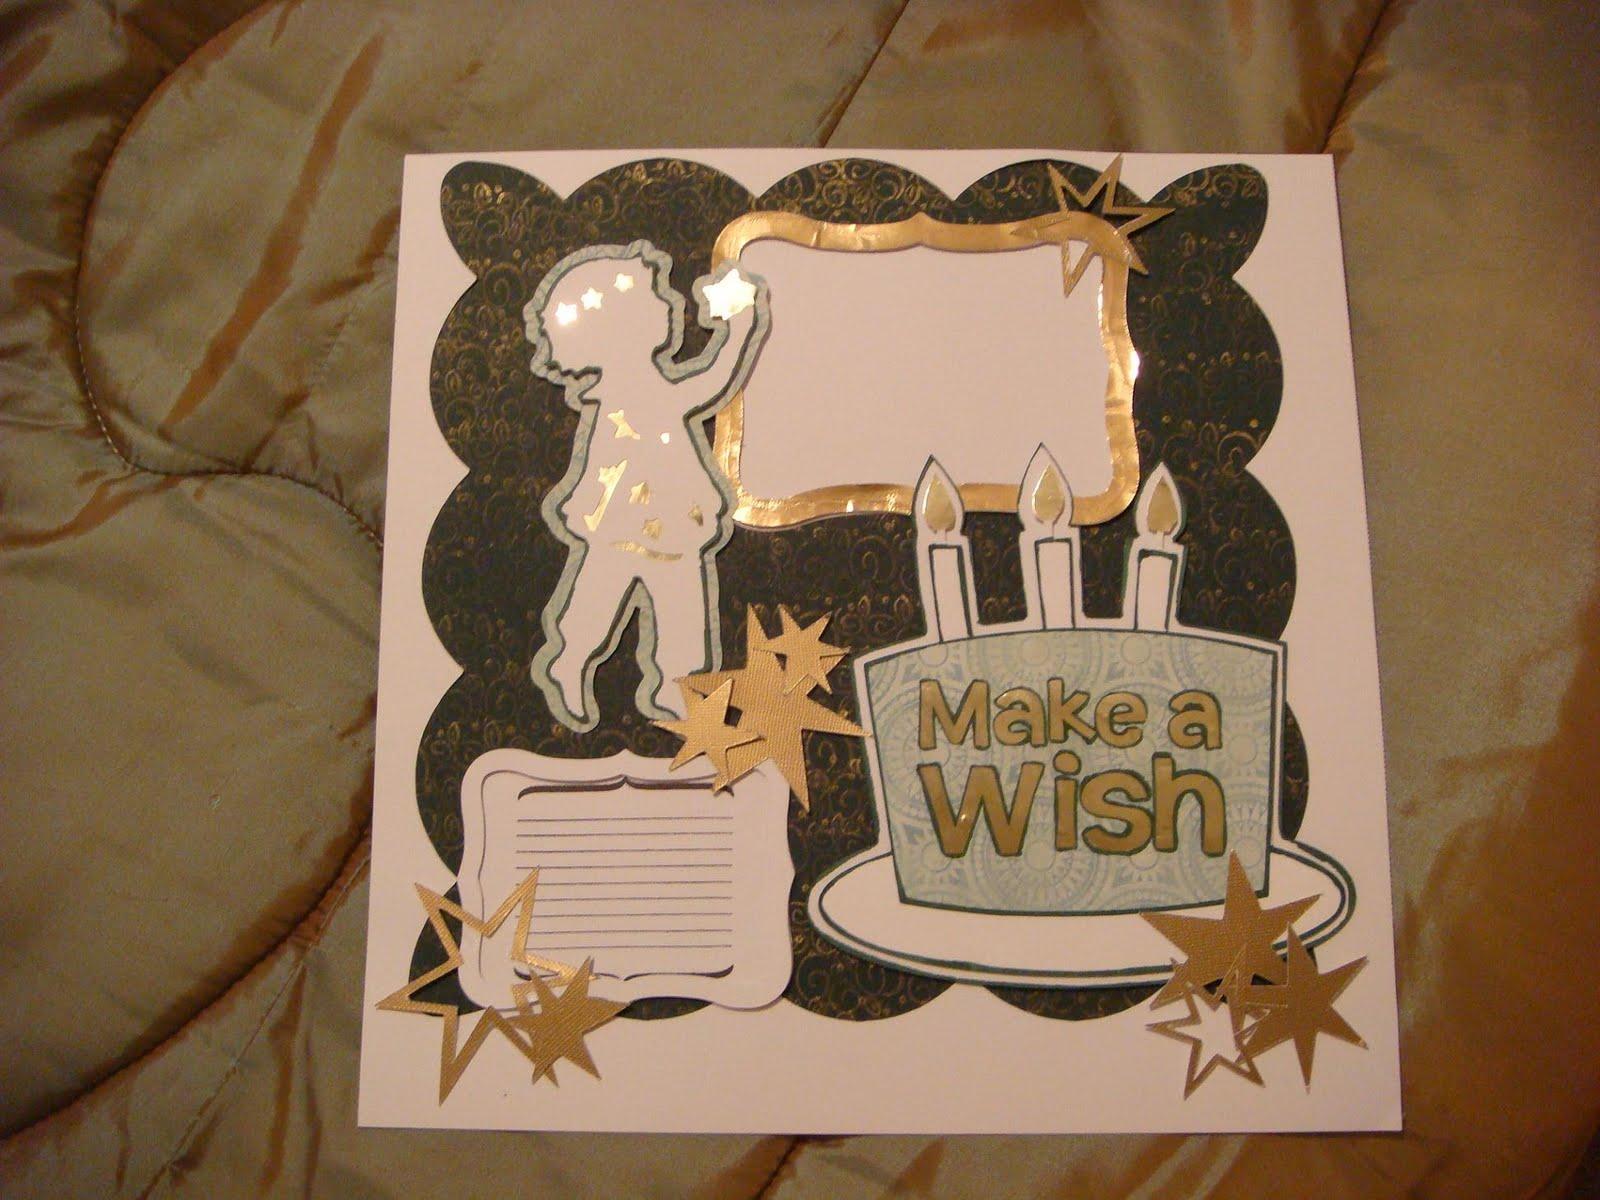 http://3.bp.blogspot.com/-FputbYdw14o/TbcA3dzyI3I/AAAAAAAAAUI/wP9OJ-8HoHw/s1600/E2+HSN+Scrapbook+pages+3.jpg